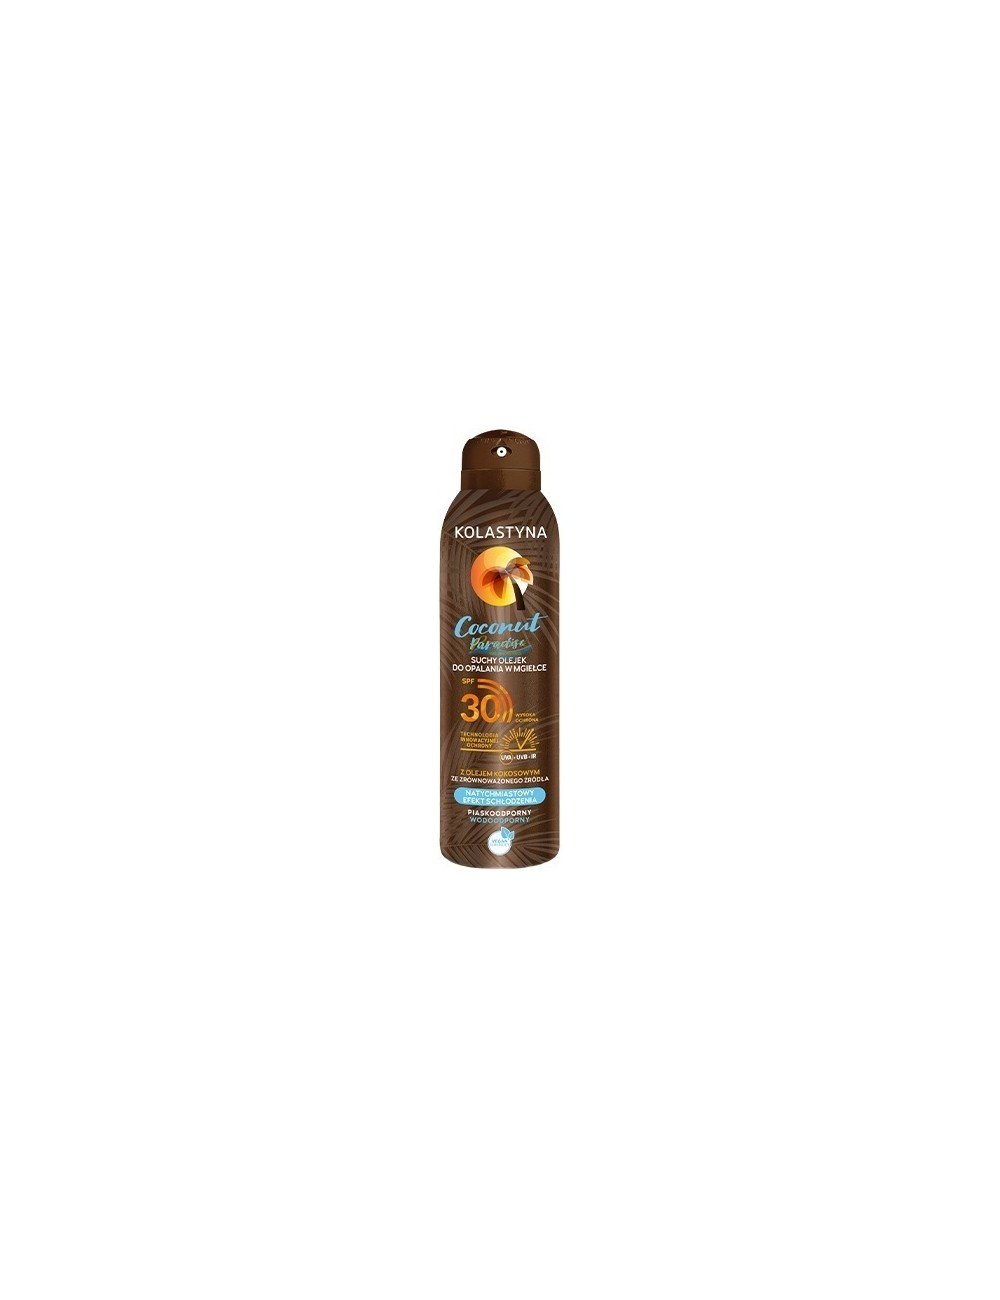 Kolastyna Olejek do Opalania w Mgiełce Suchy Spray SPF30 Coconut Paradise 150 ml